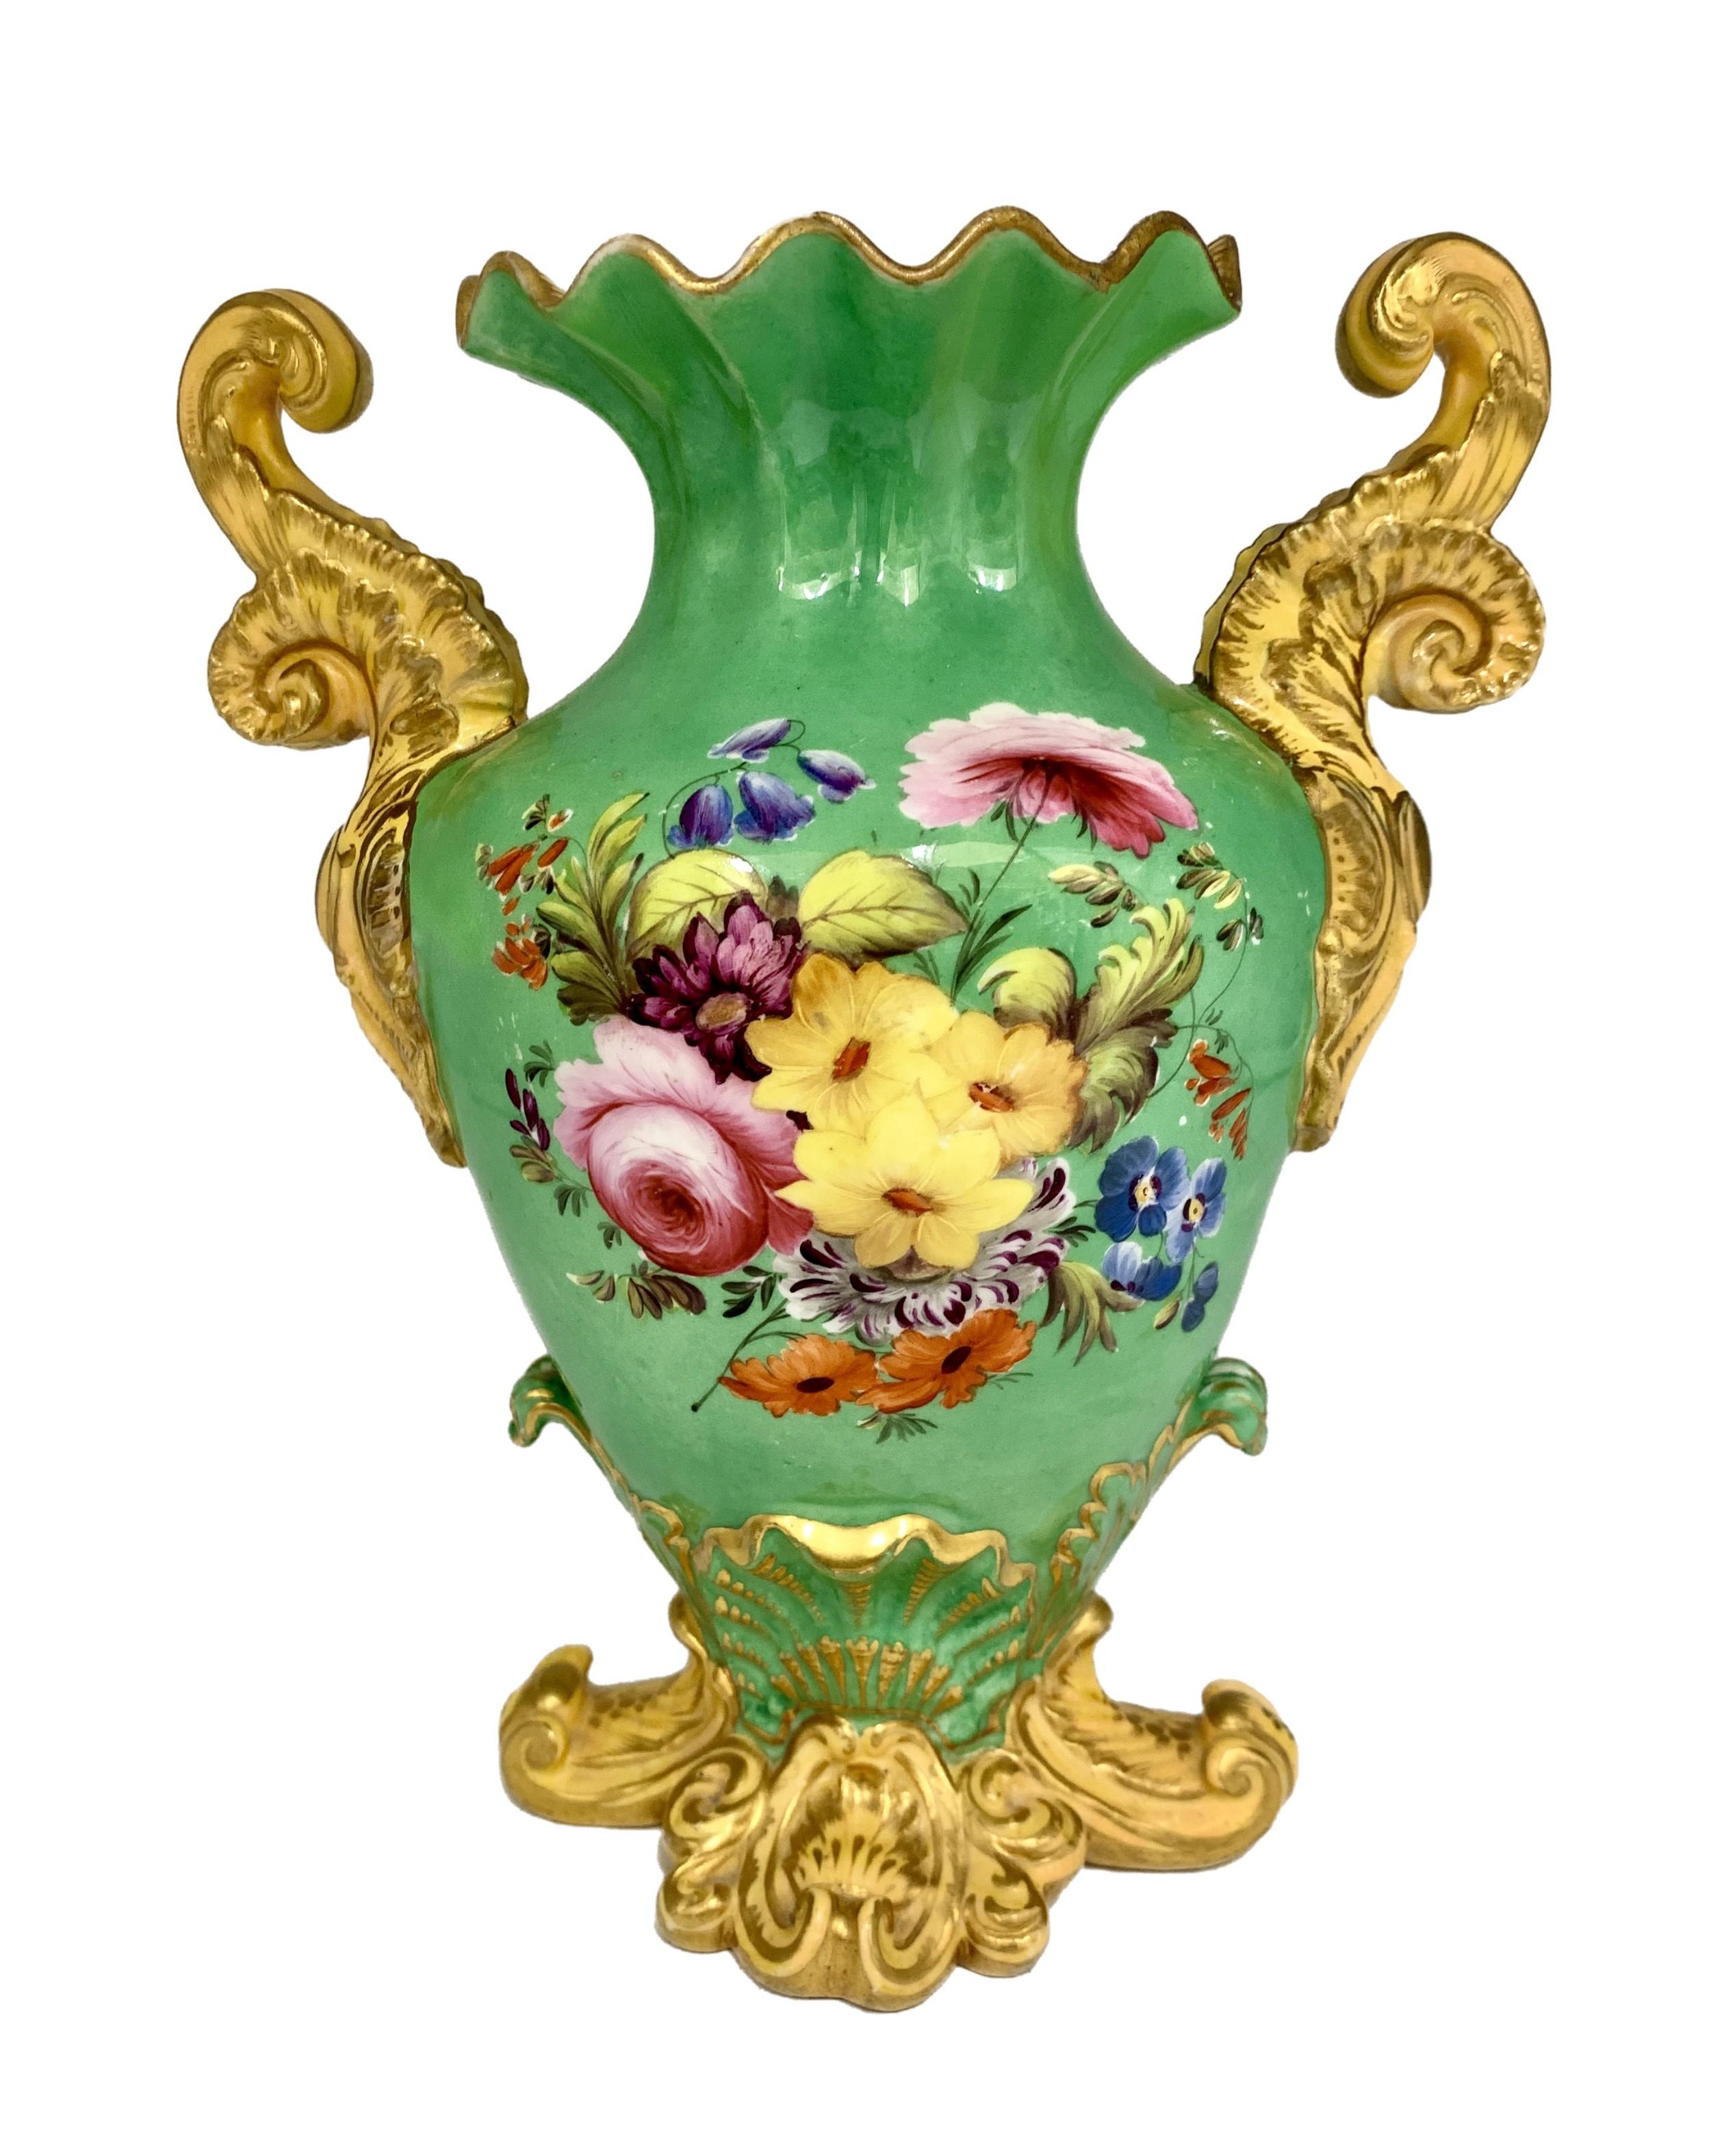 19 th century coalport design porcelain vase circa 1830 50